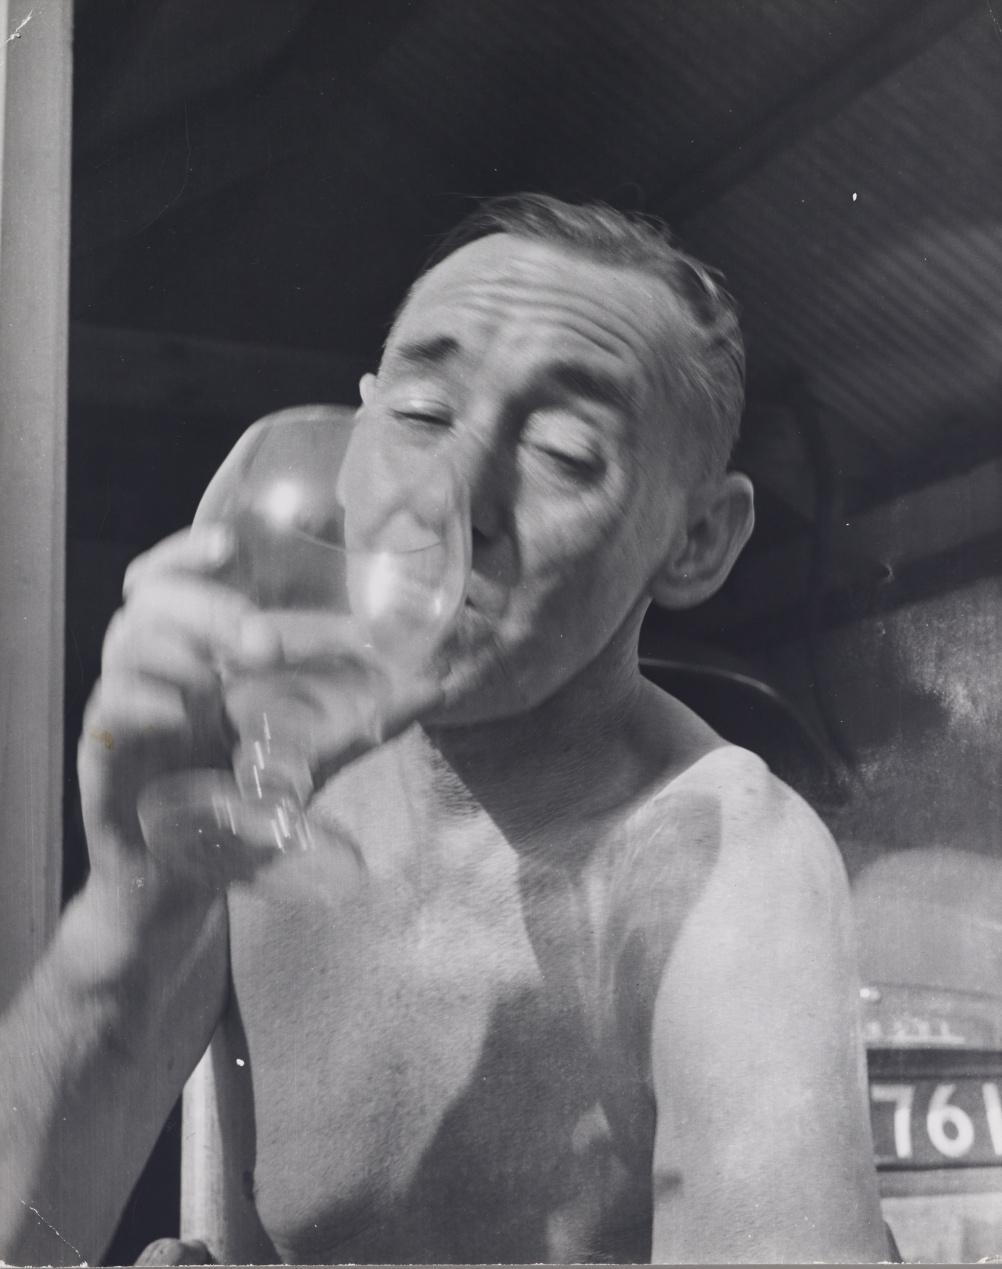 John Deakin, Deakin Drinking, 1960s